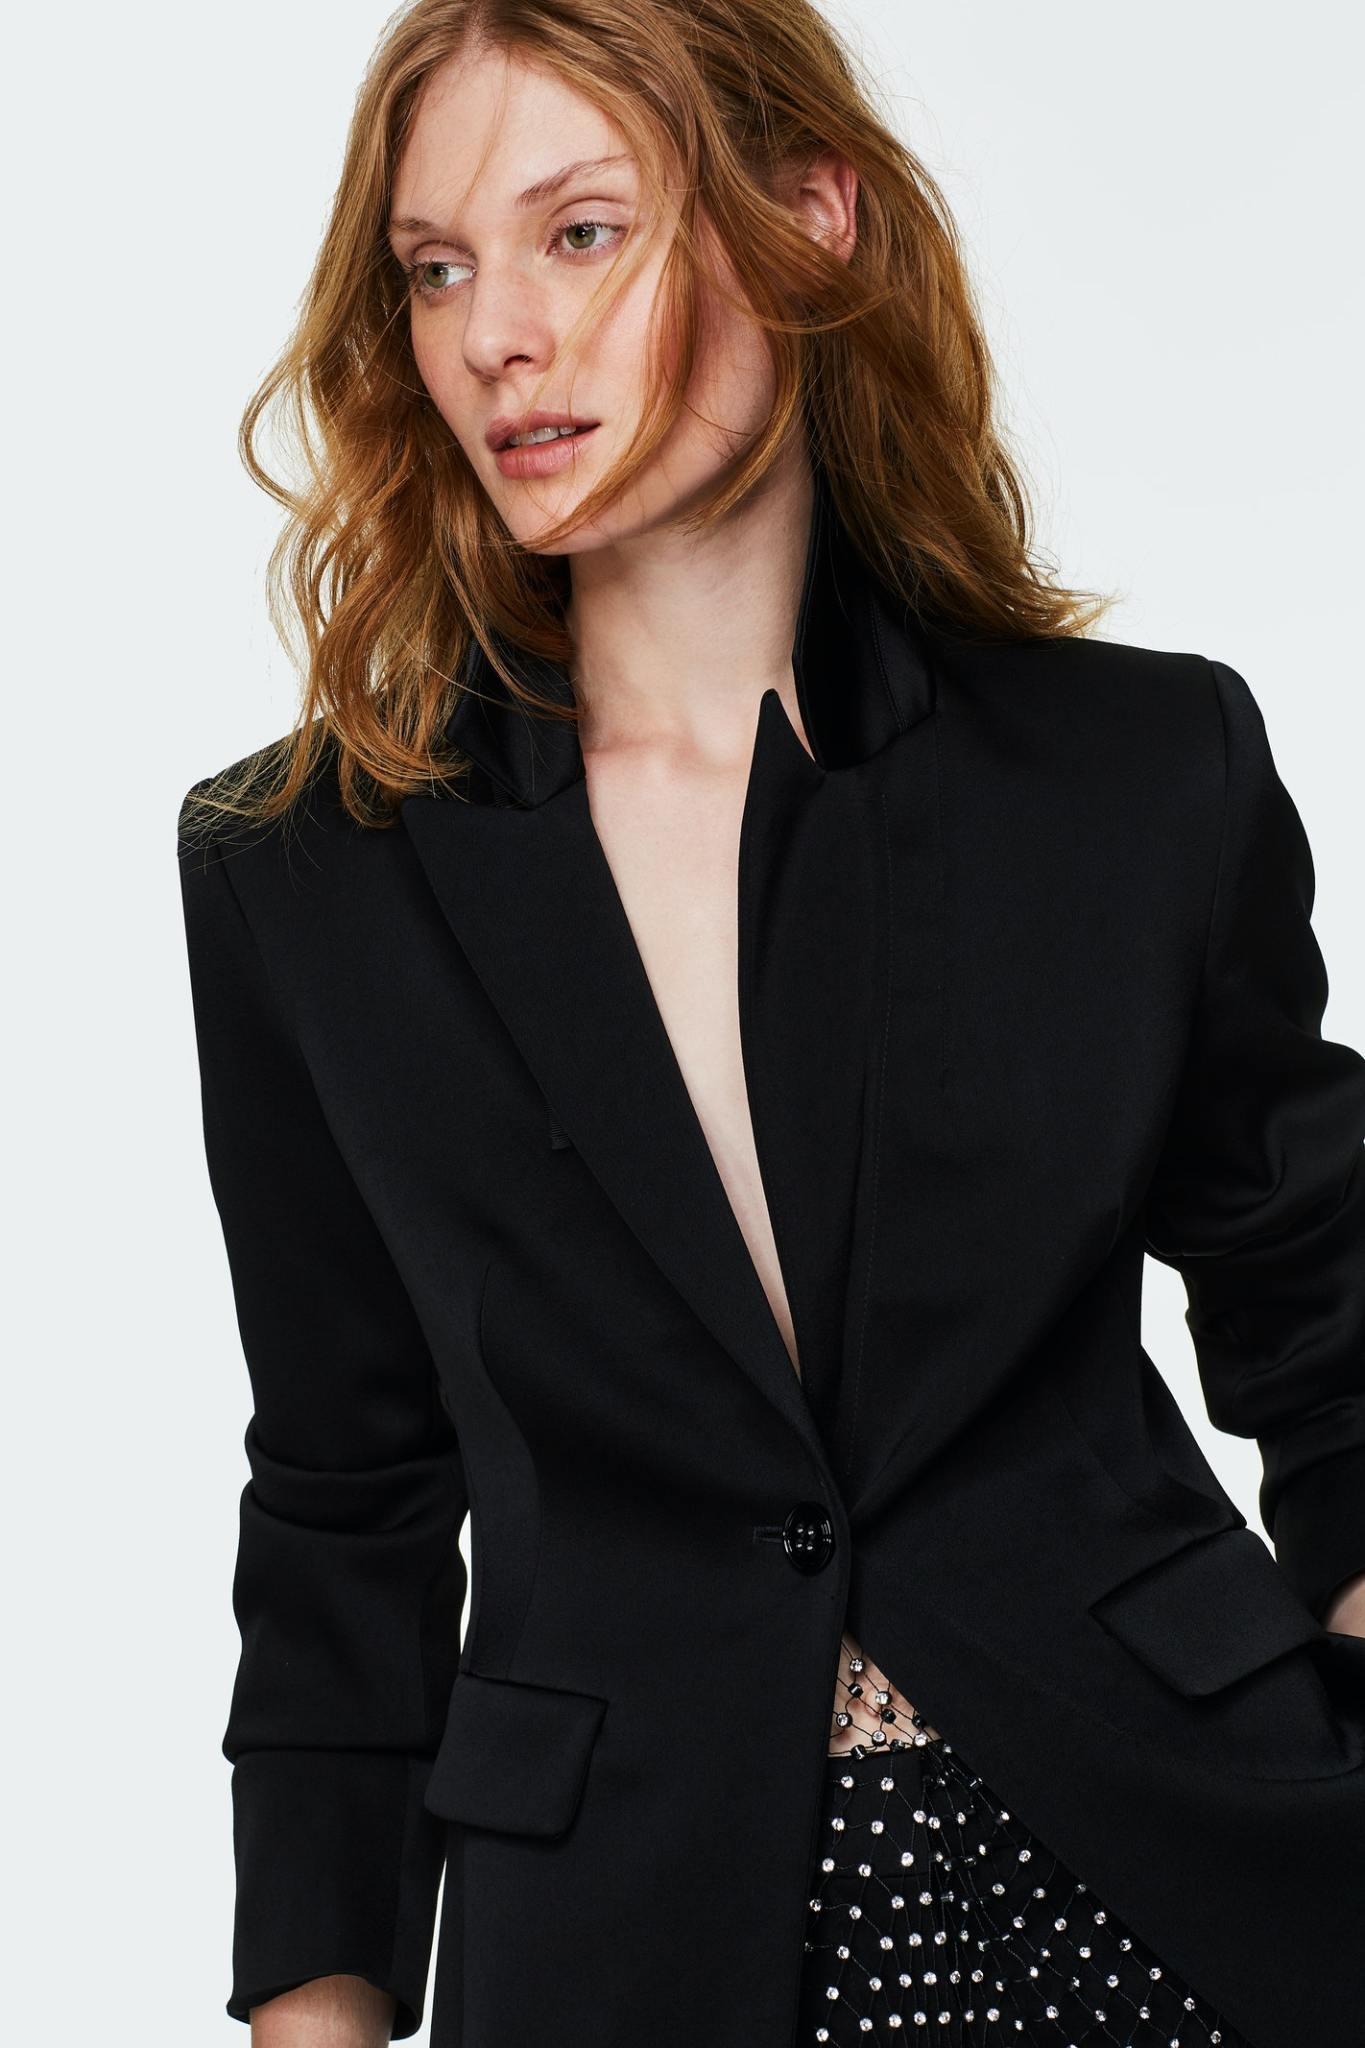 Classy statement jacket dorothee schumacher-7